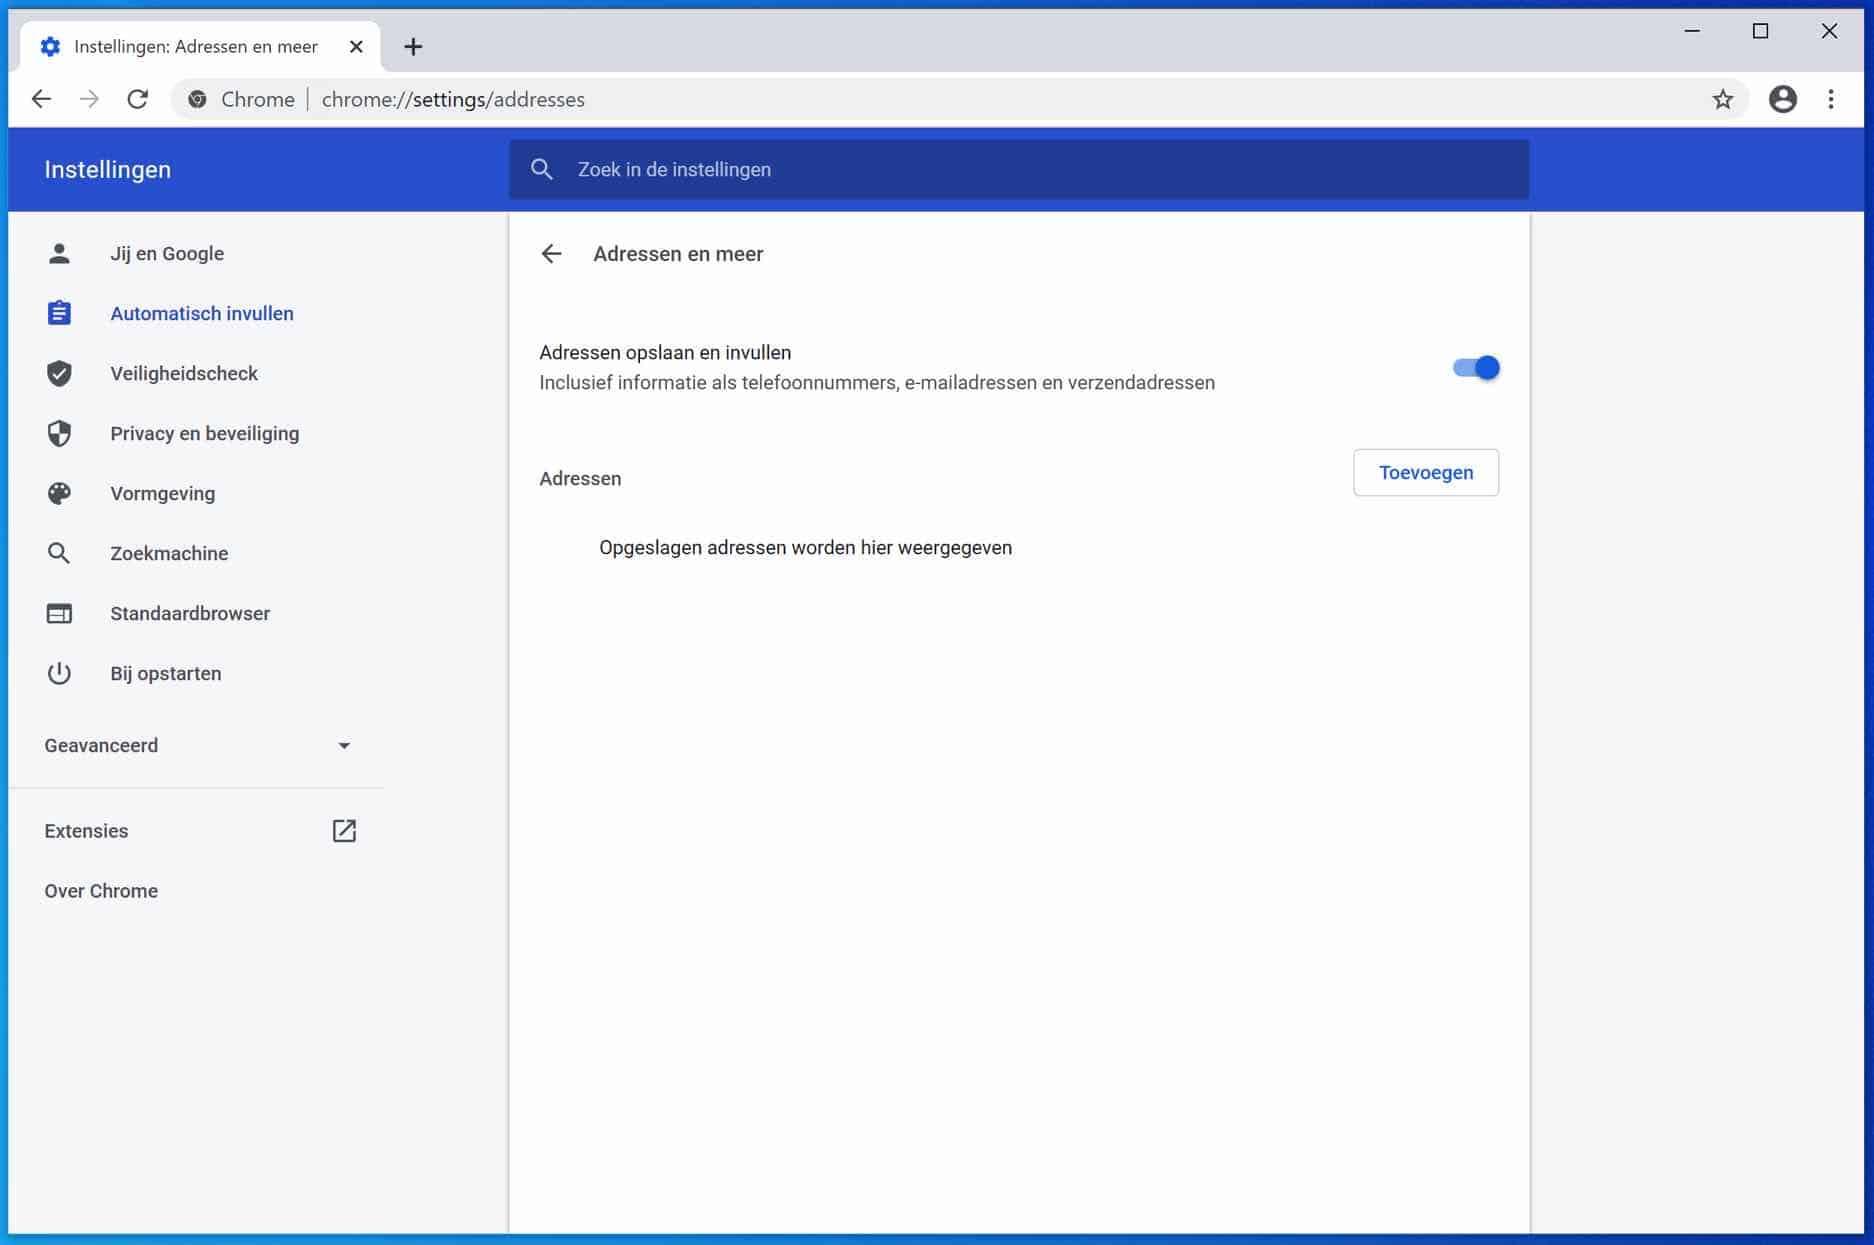 adresgegevens en meer automatisch aanvullen google chrome